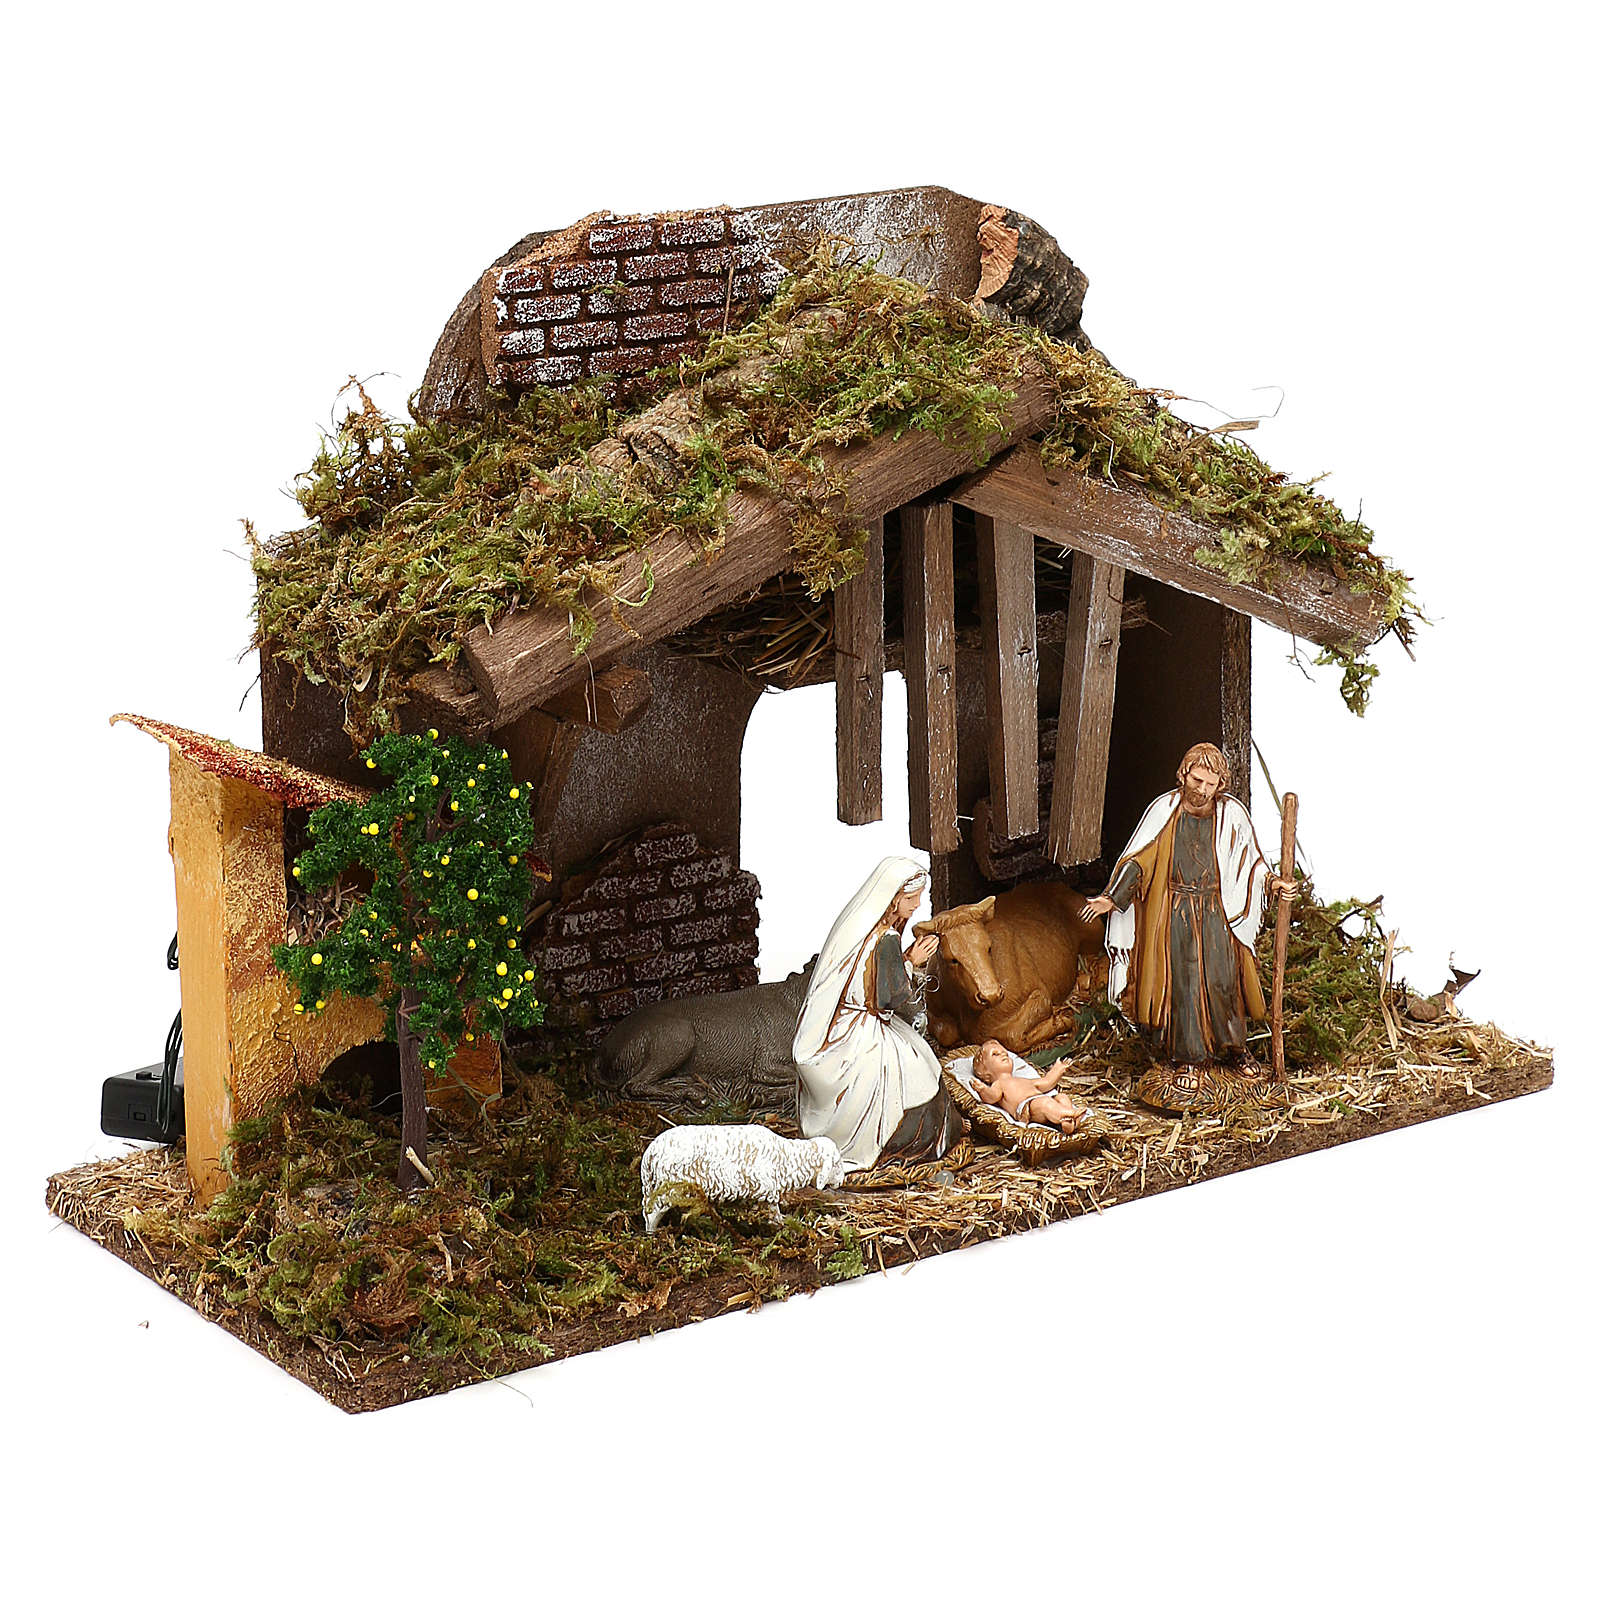 Cabaña con horno y natividad belén 10 cm Moranduzzo 4